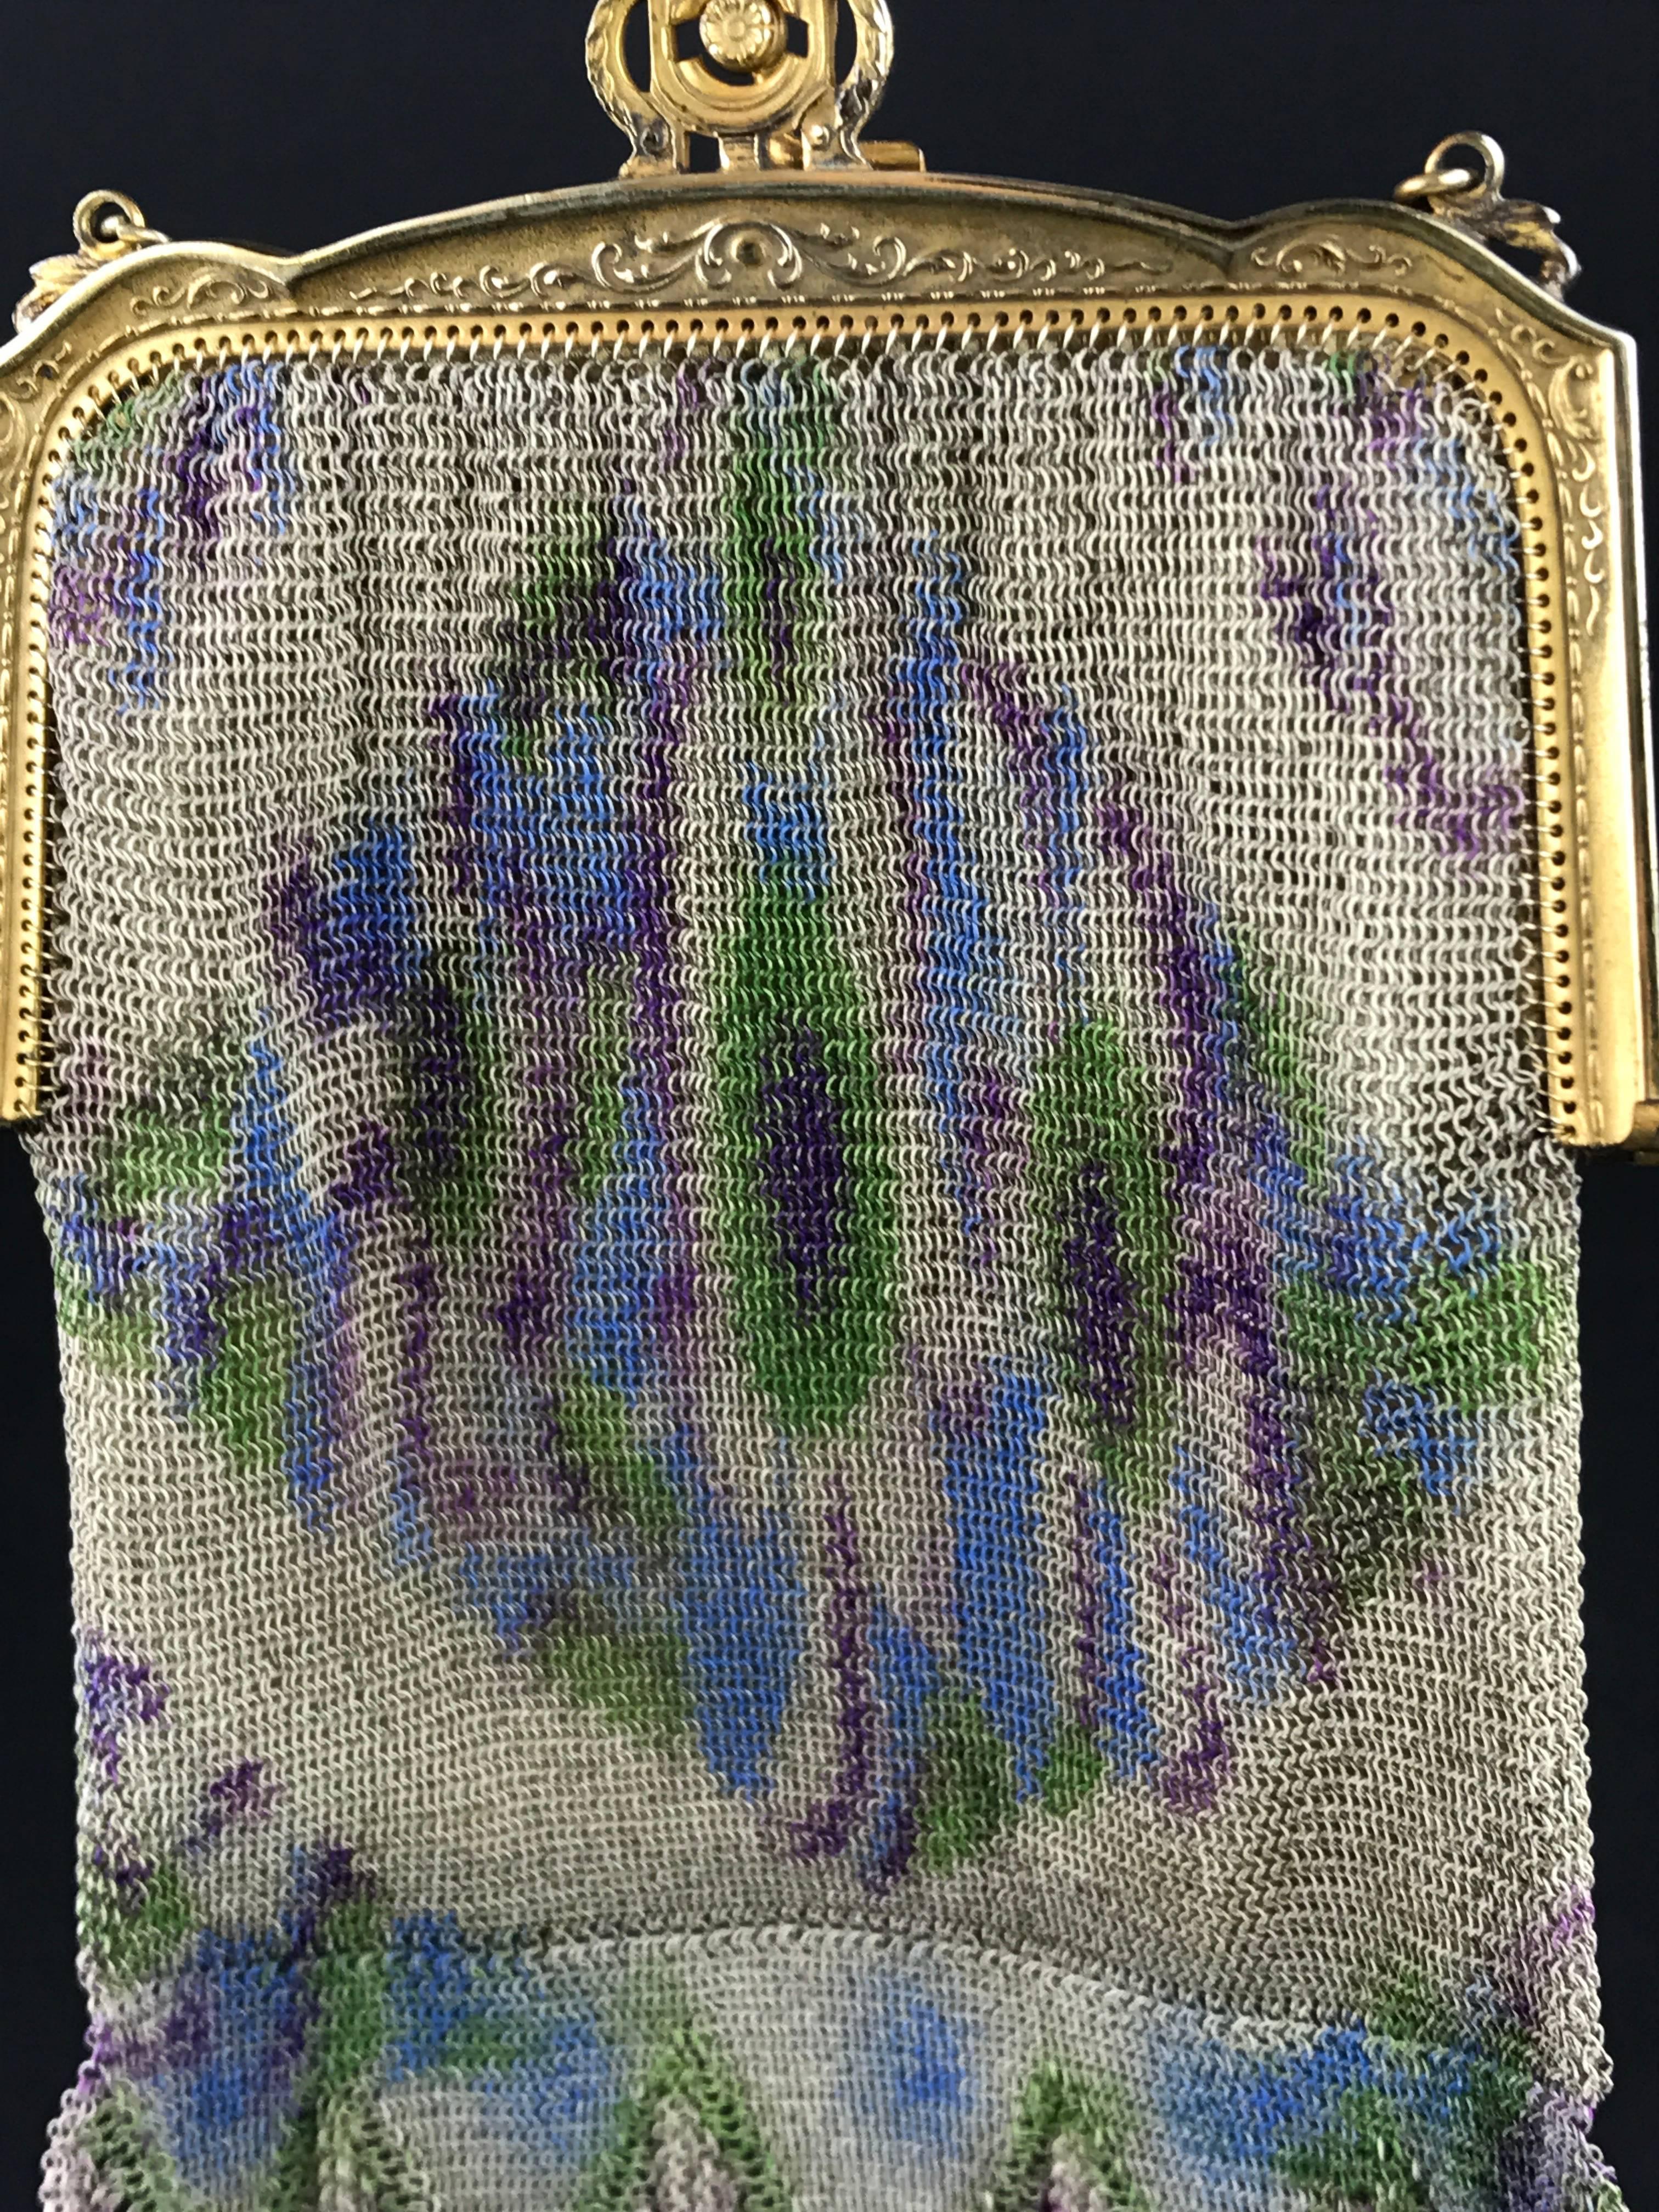 1stdibs Dresden Mesh Metal Impressionistic Monet Style Color Palette Fringed Bag, 1910